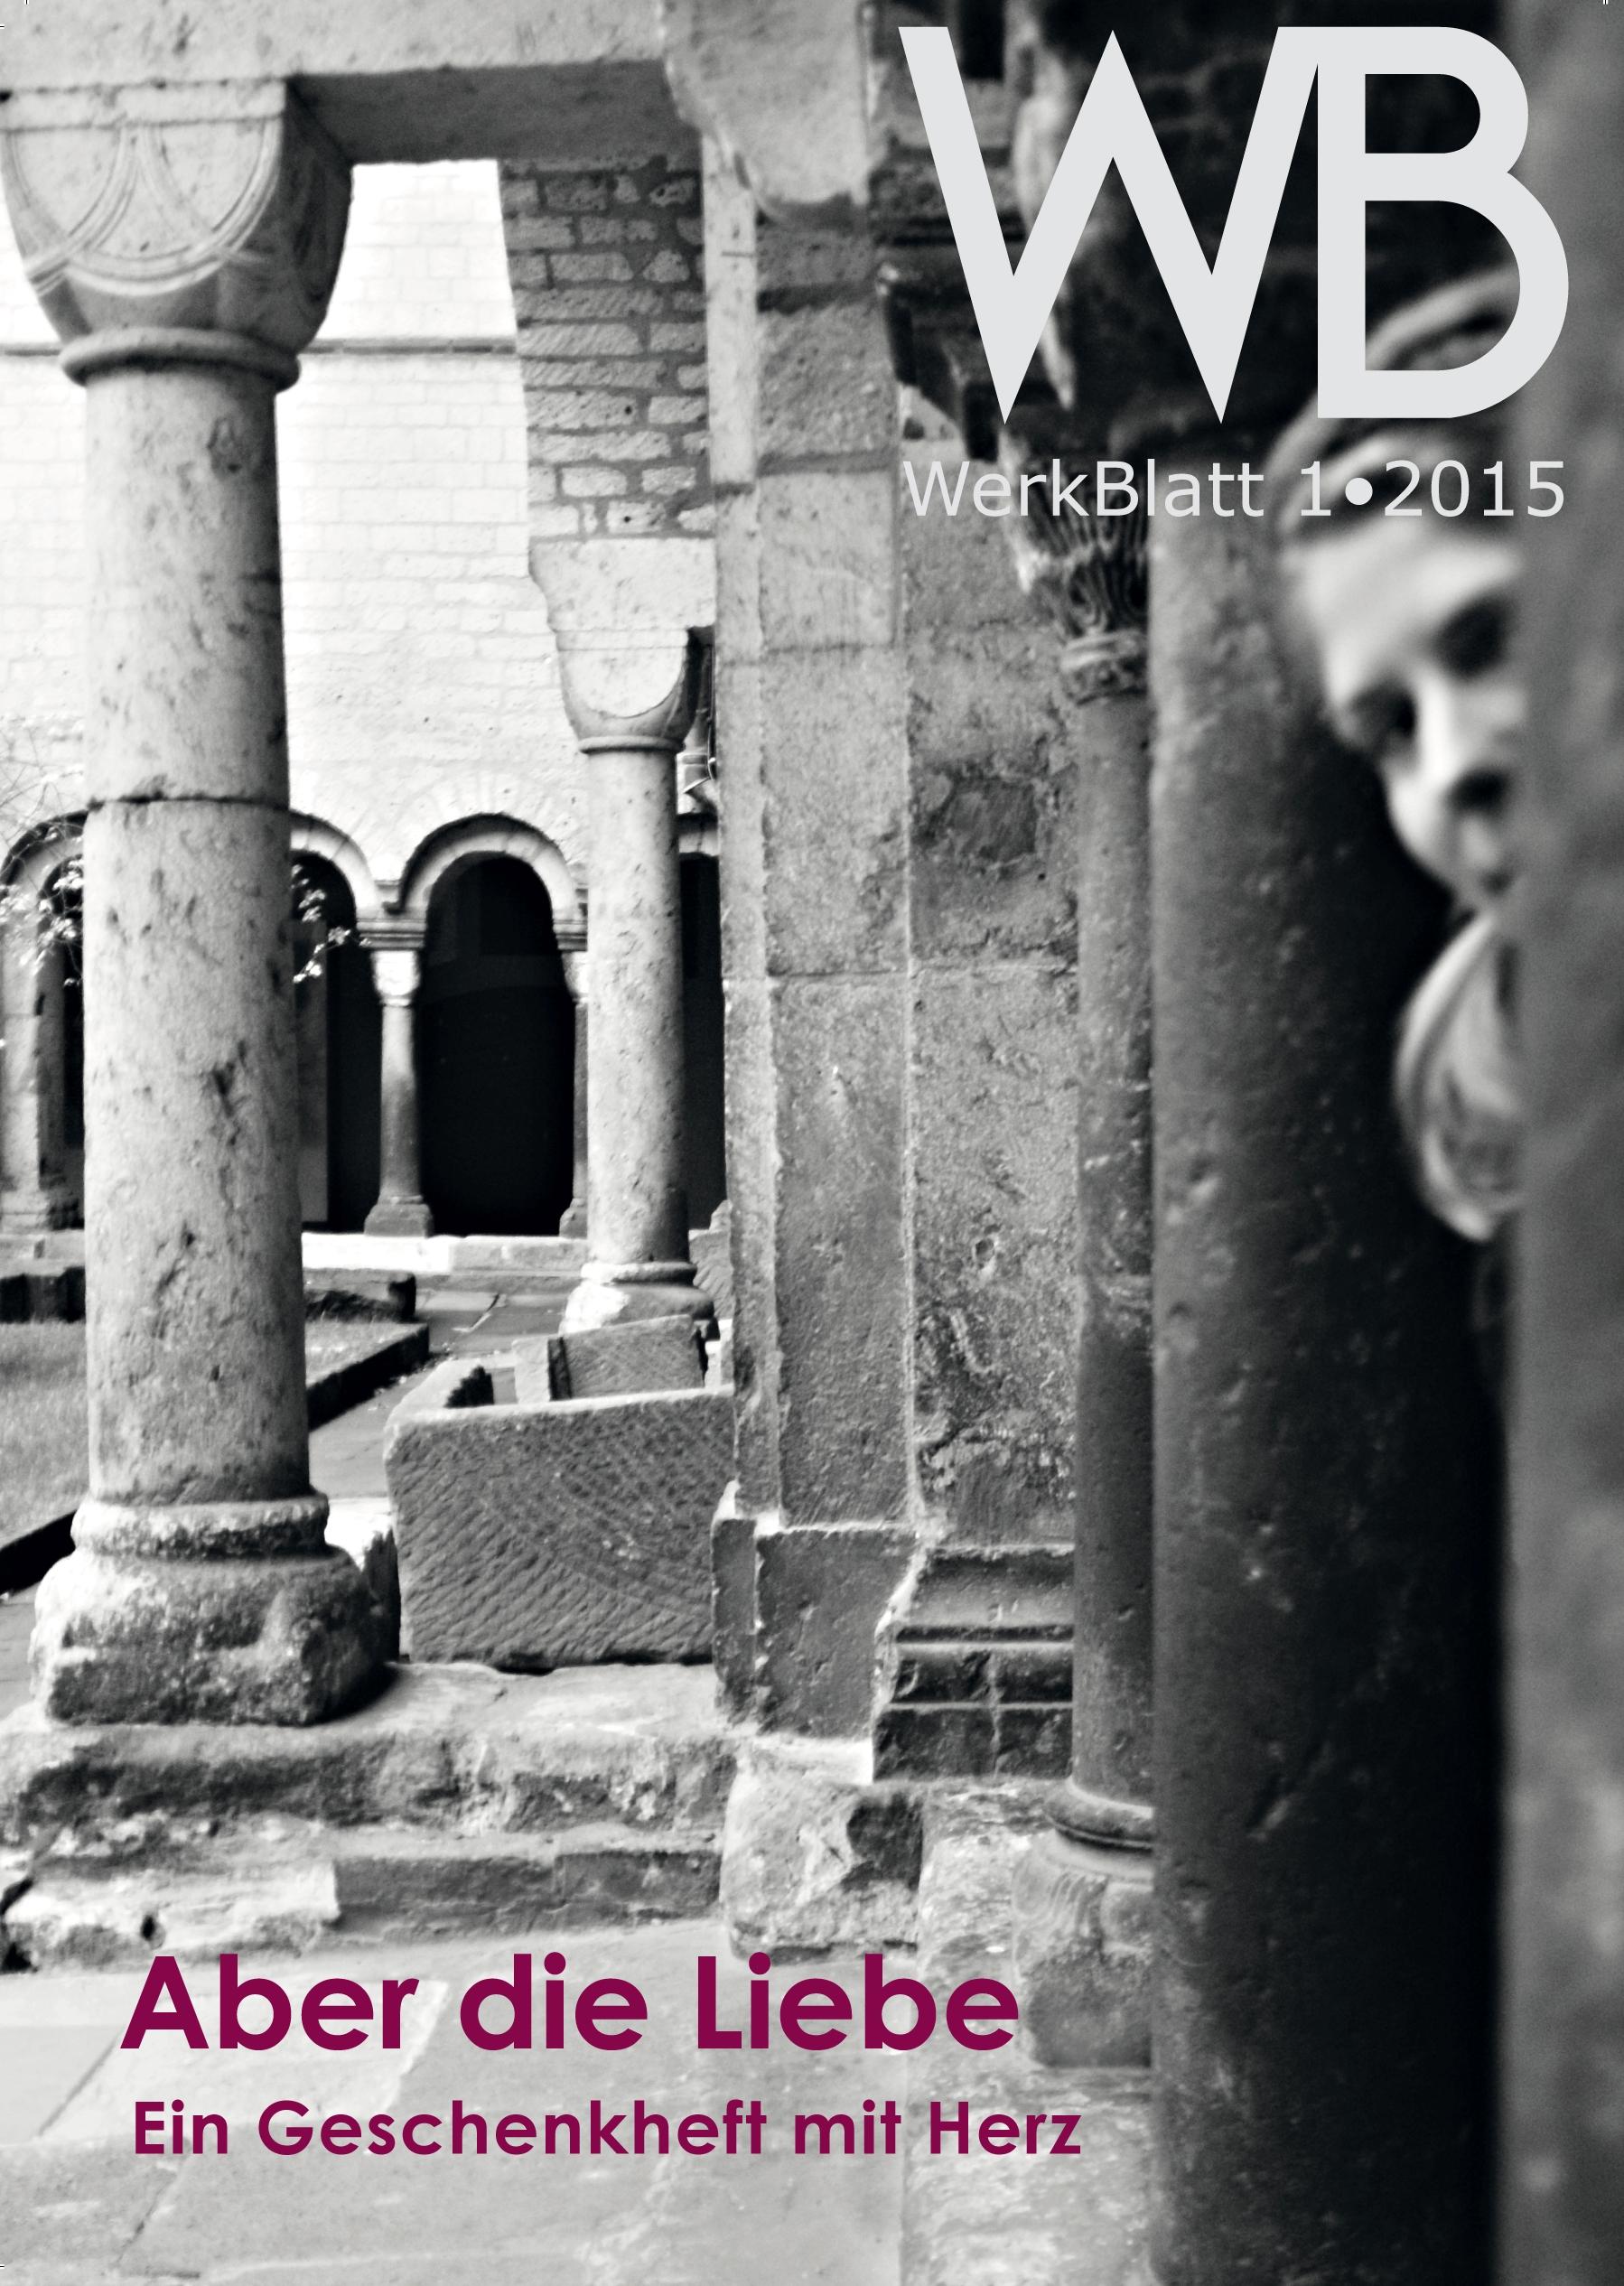 Fotografie von antiken Säulen-Ruinen in schwarz-weiß